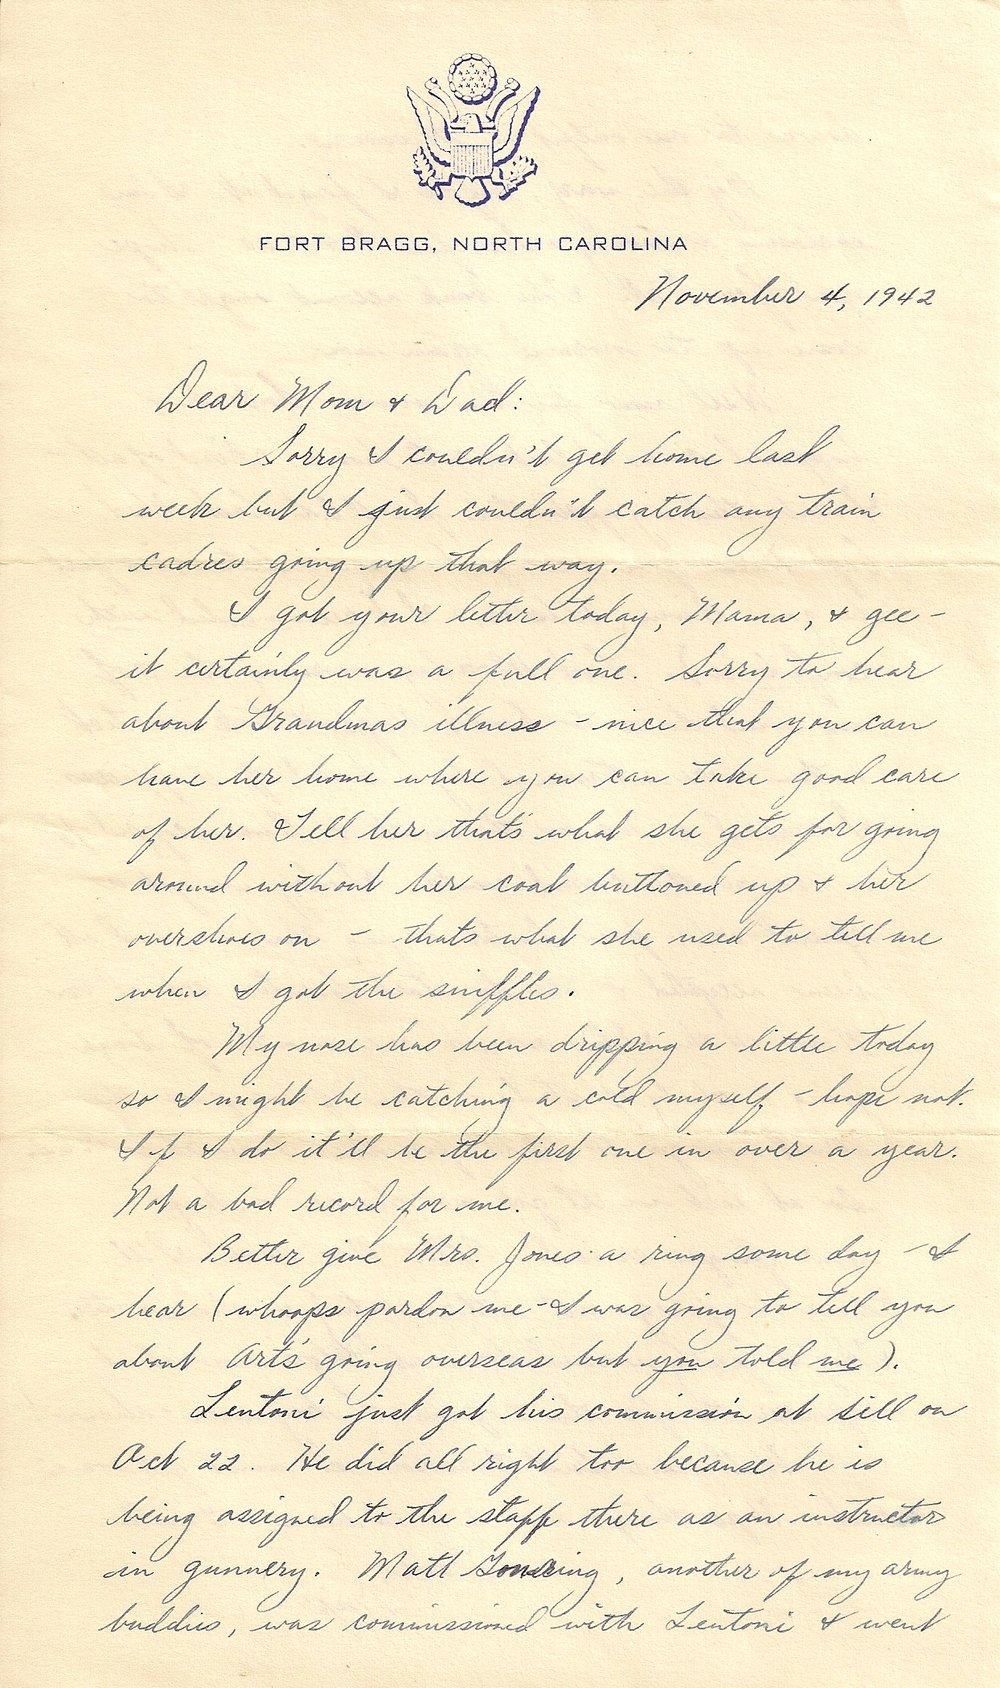 11.4.1942b.jpg